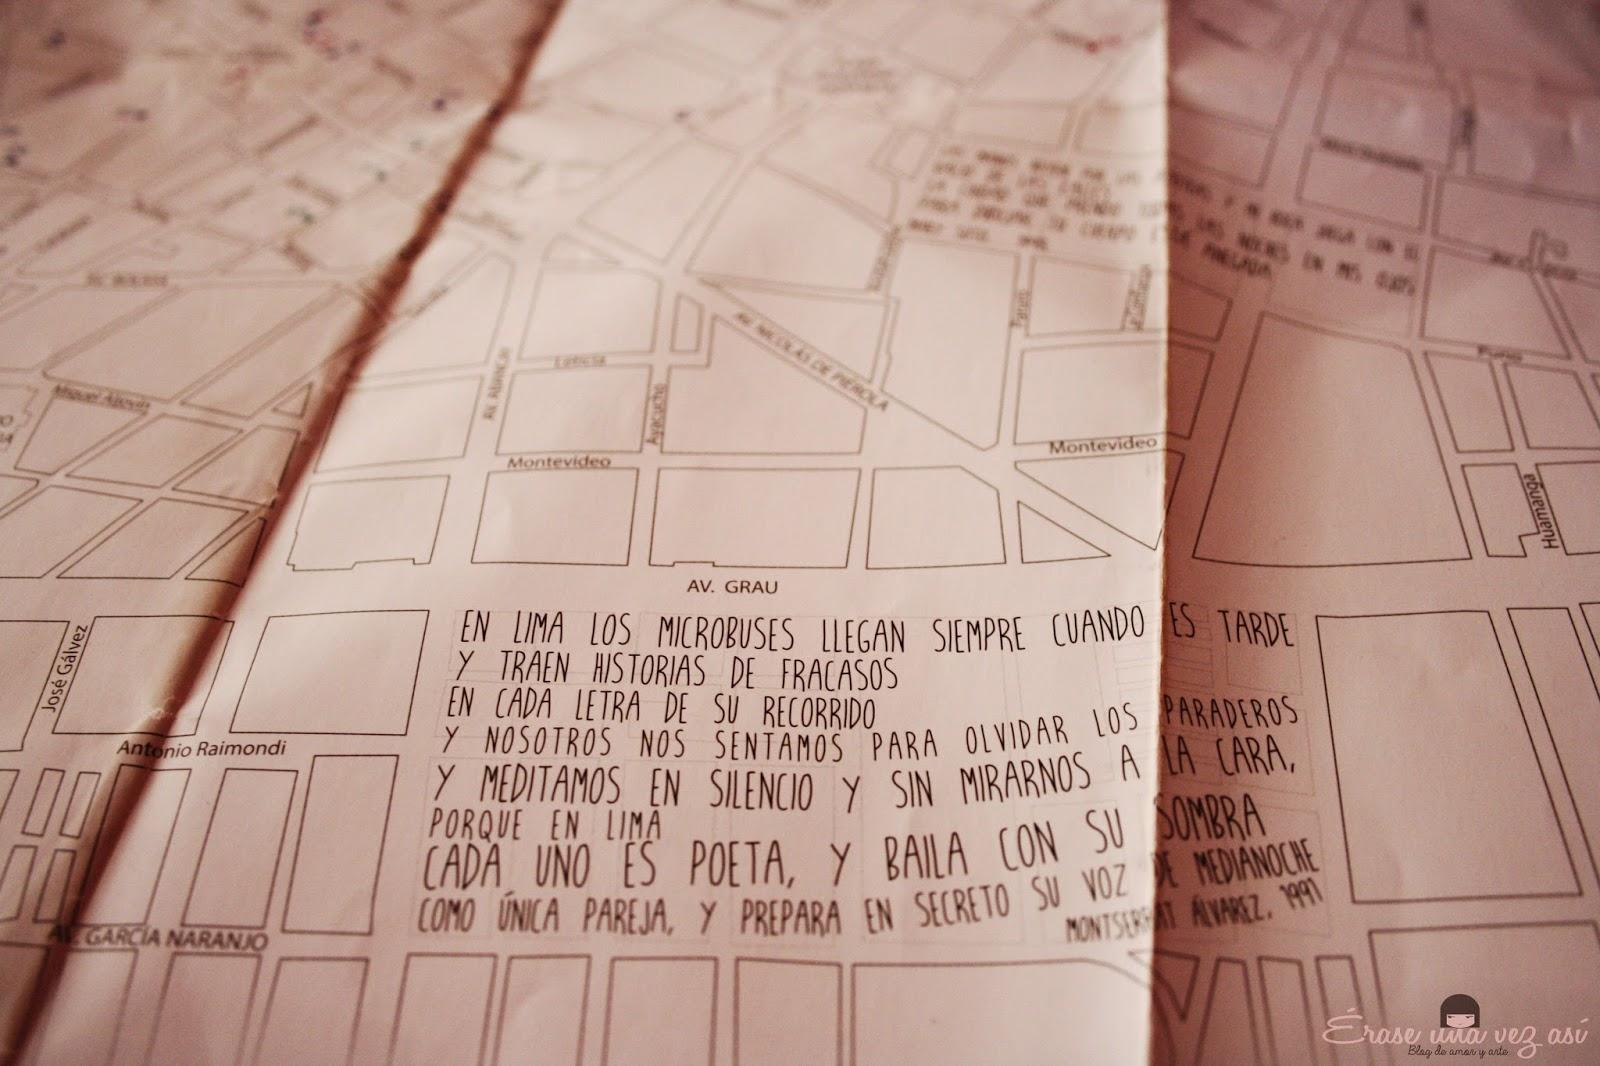 mapa literario de lima, visita al mapa literario de lima, recorrido del mapa literario de lima